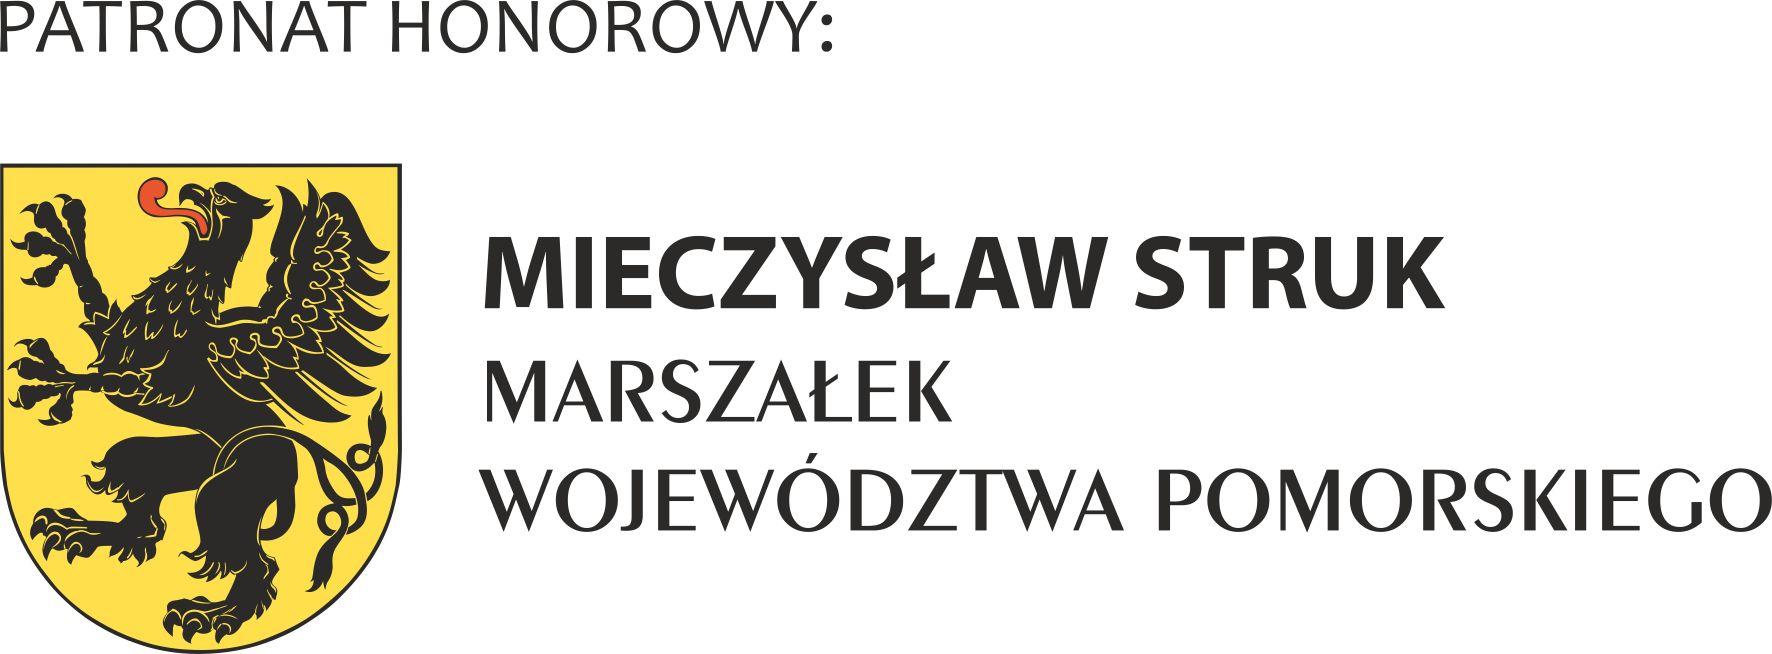 PATRONAT HONOROWY-MARSZALEK WOJEWODZTWA POMORSKIEGO-poziom-prawa RGB-ONLY FOR WEB-2012